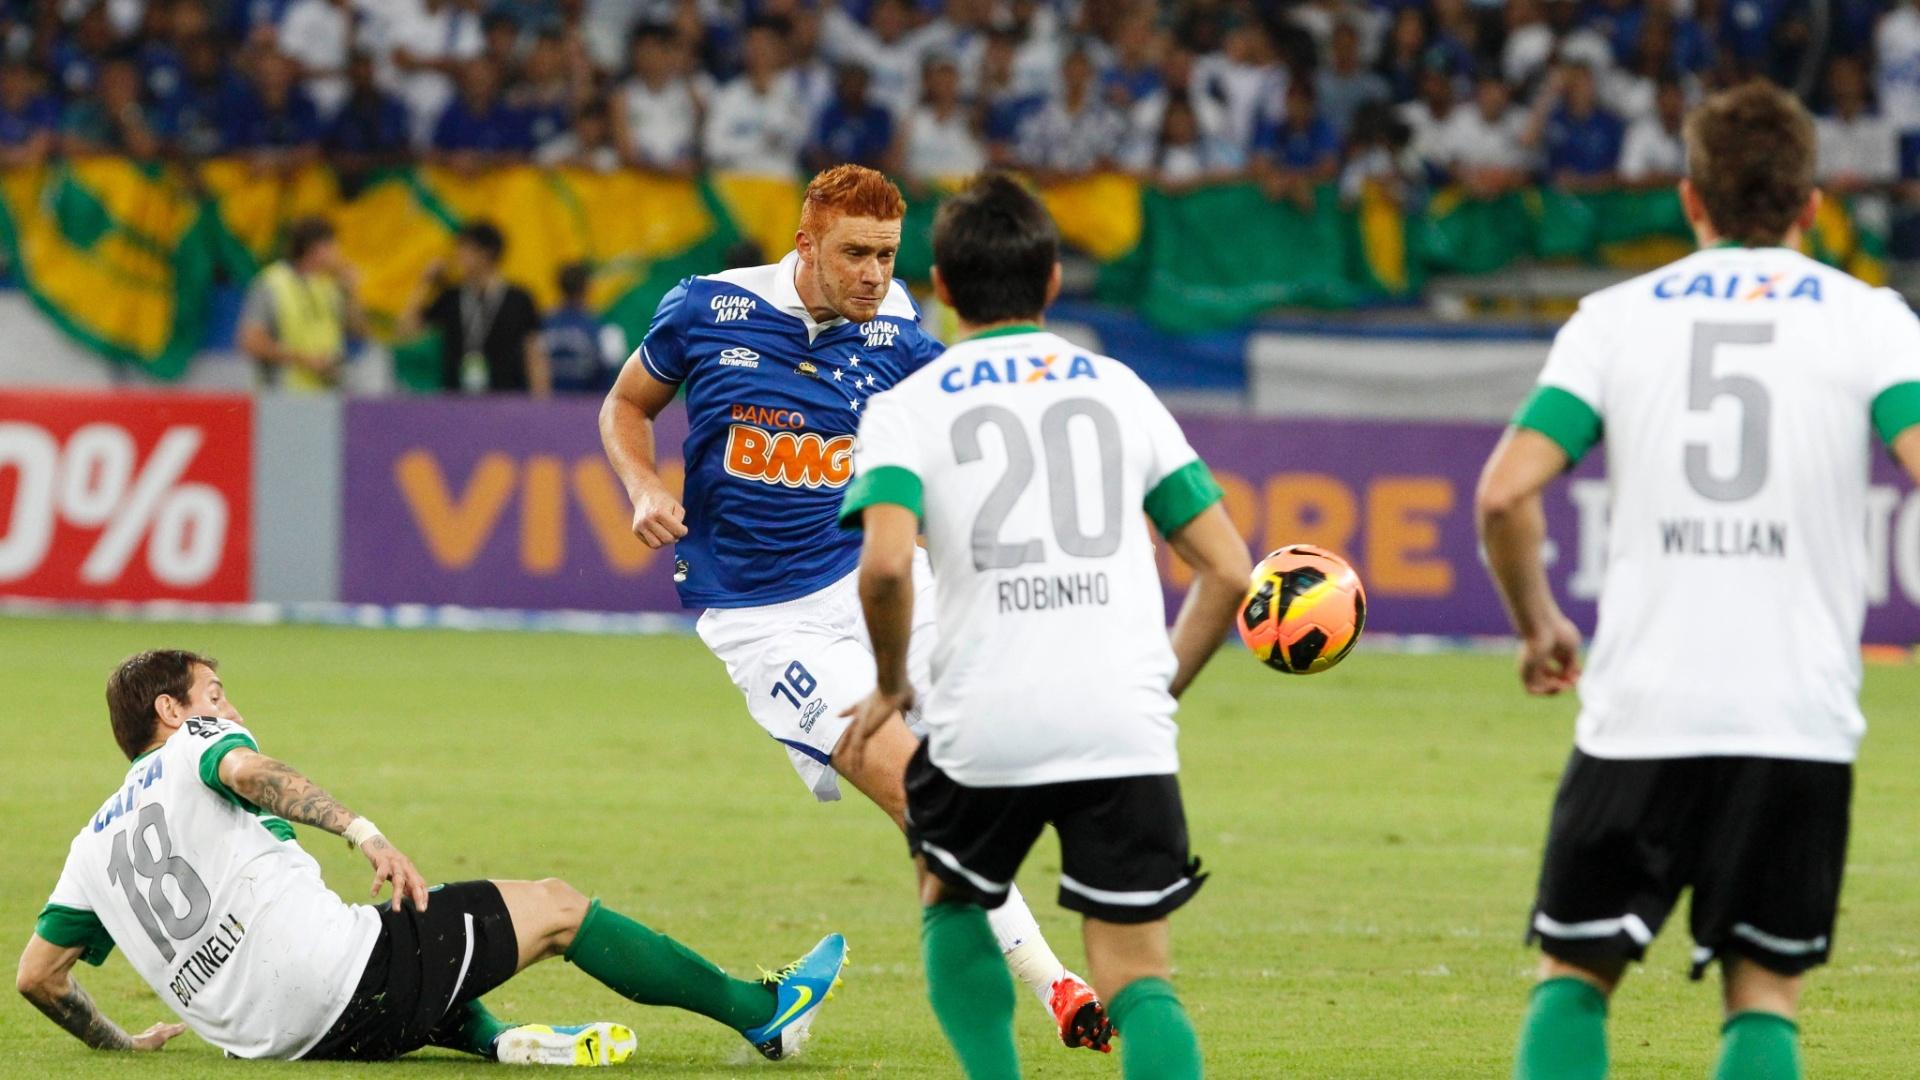 03.ago.2013 - Souza, do Cruzeiro, tenta escapar da marcação do Coritiba em partida do Brasileirão